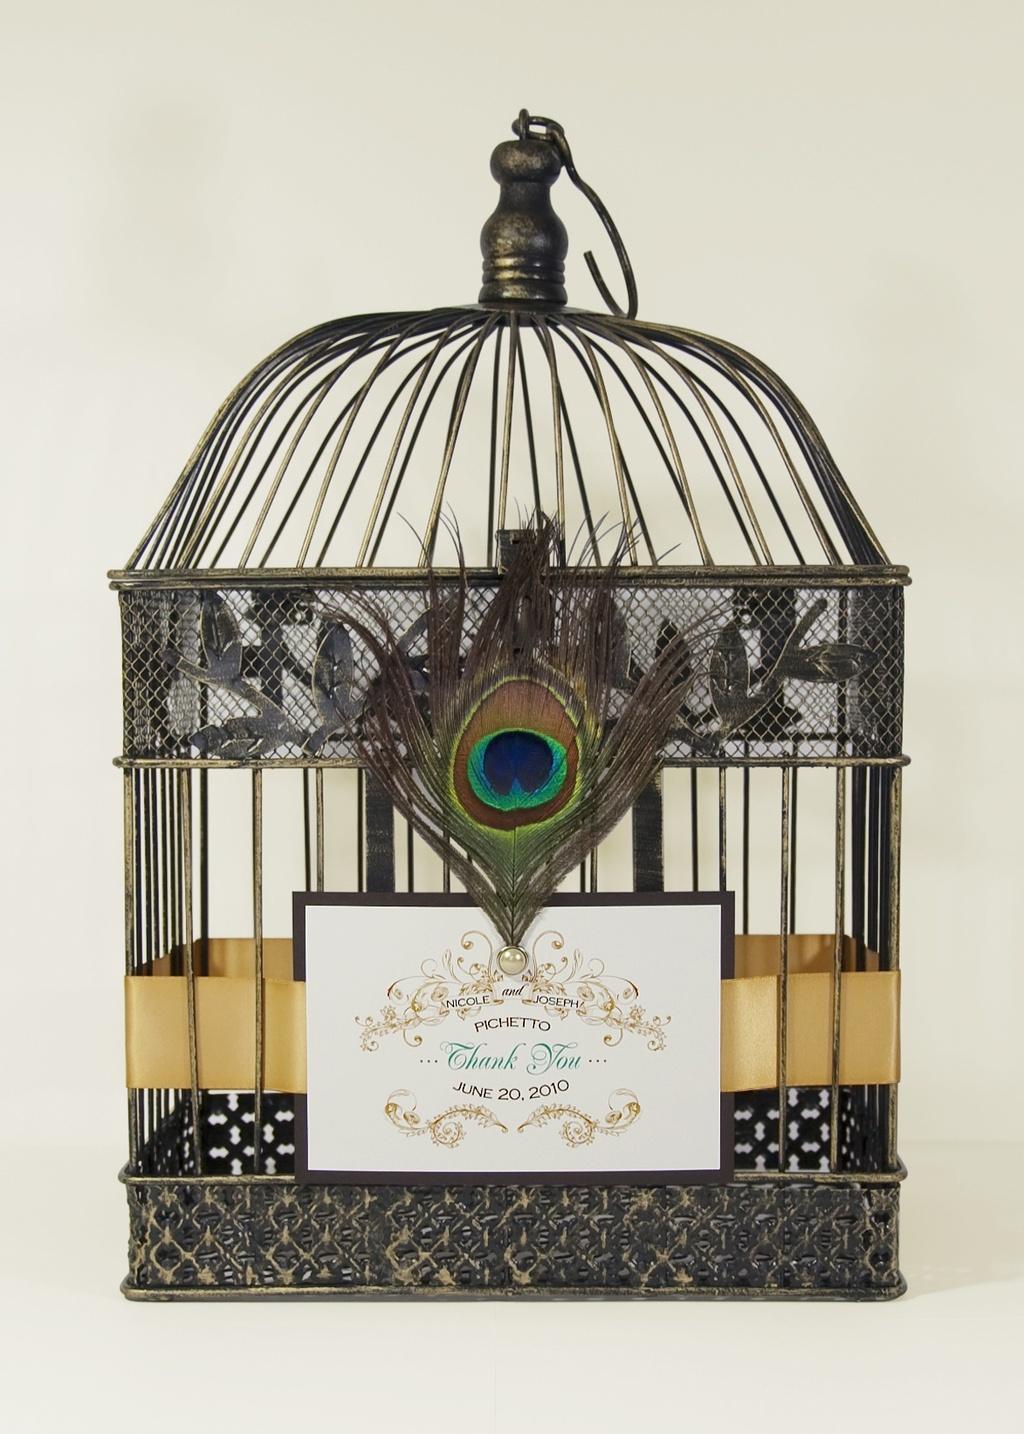 Dossiea_richmond-pichetto_birdcage.full